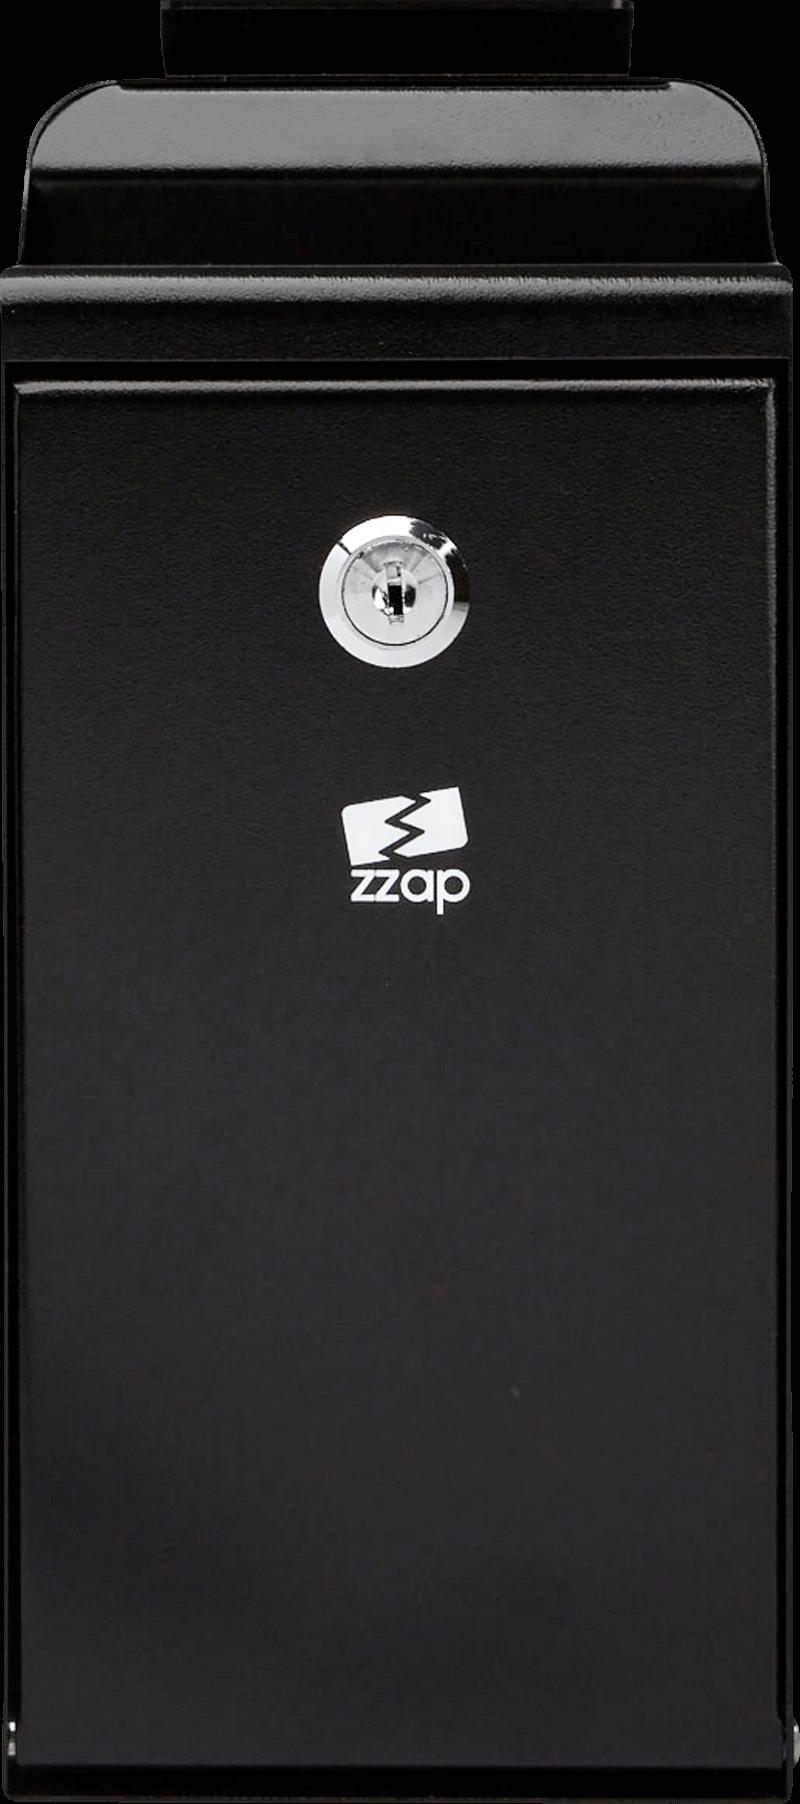 ZZap S30 POS Cash Safe